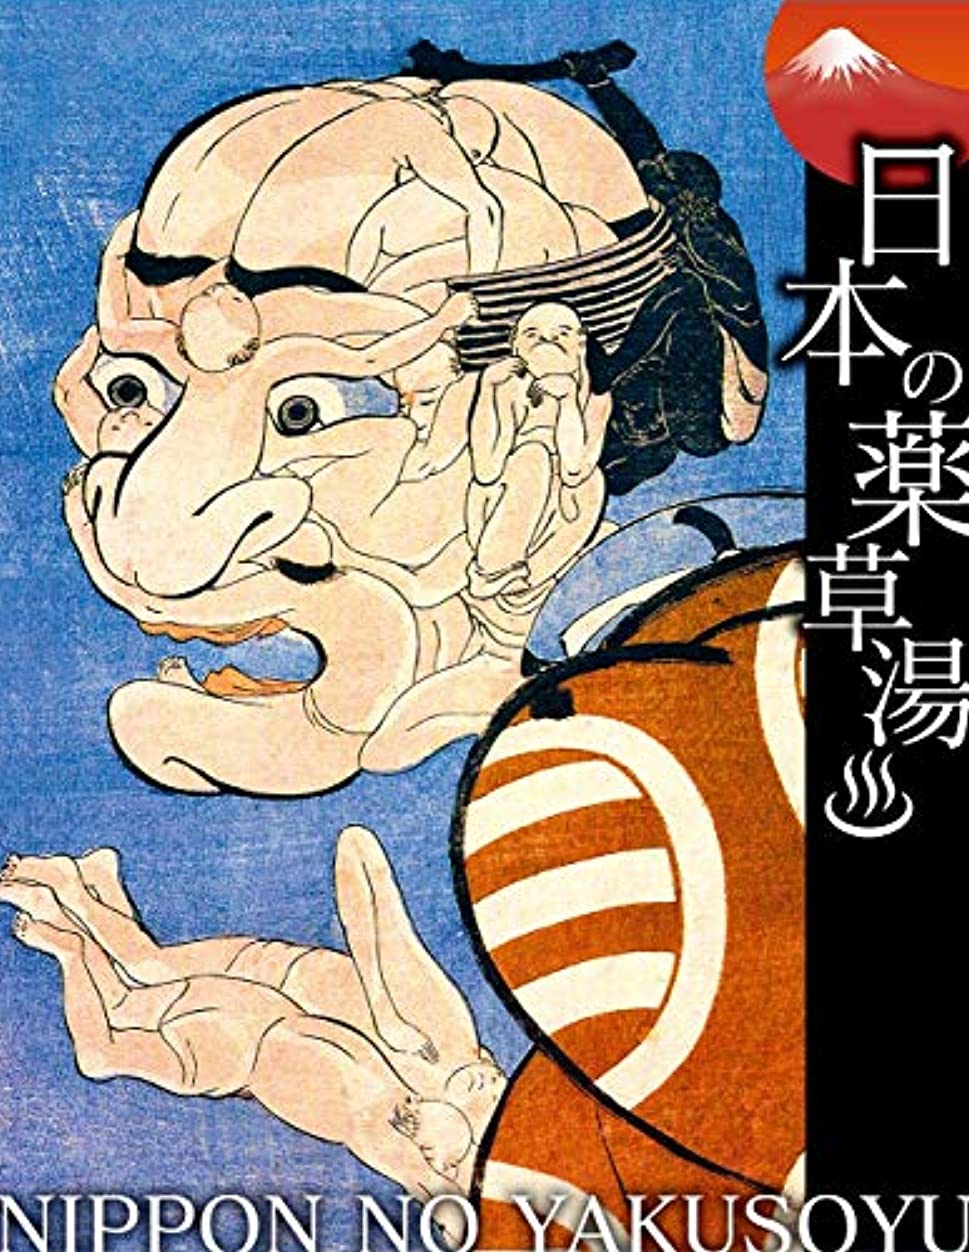 未知の移動動物園日本の薬草湯 みかけハこハゐがとんだいゝ人だ